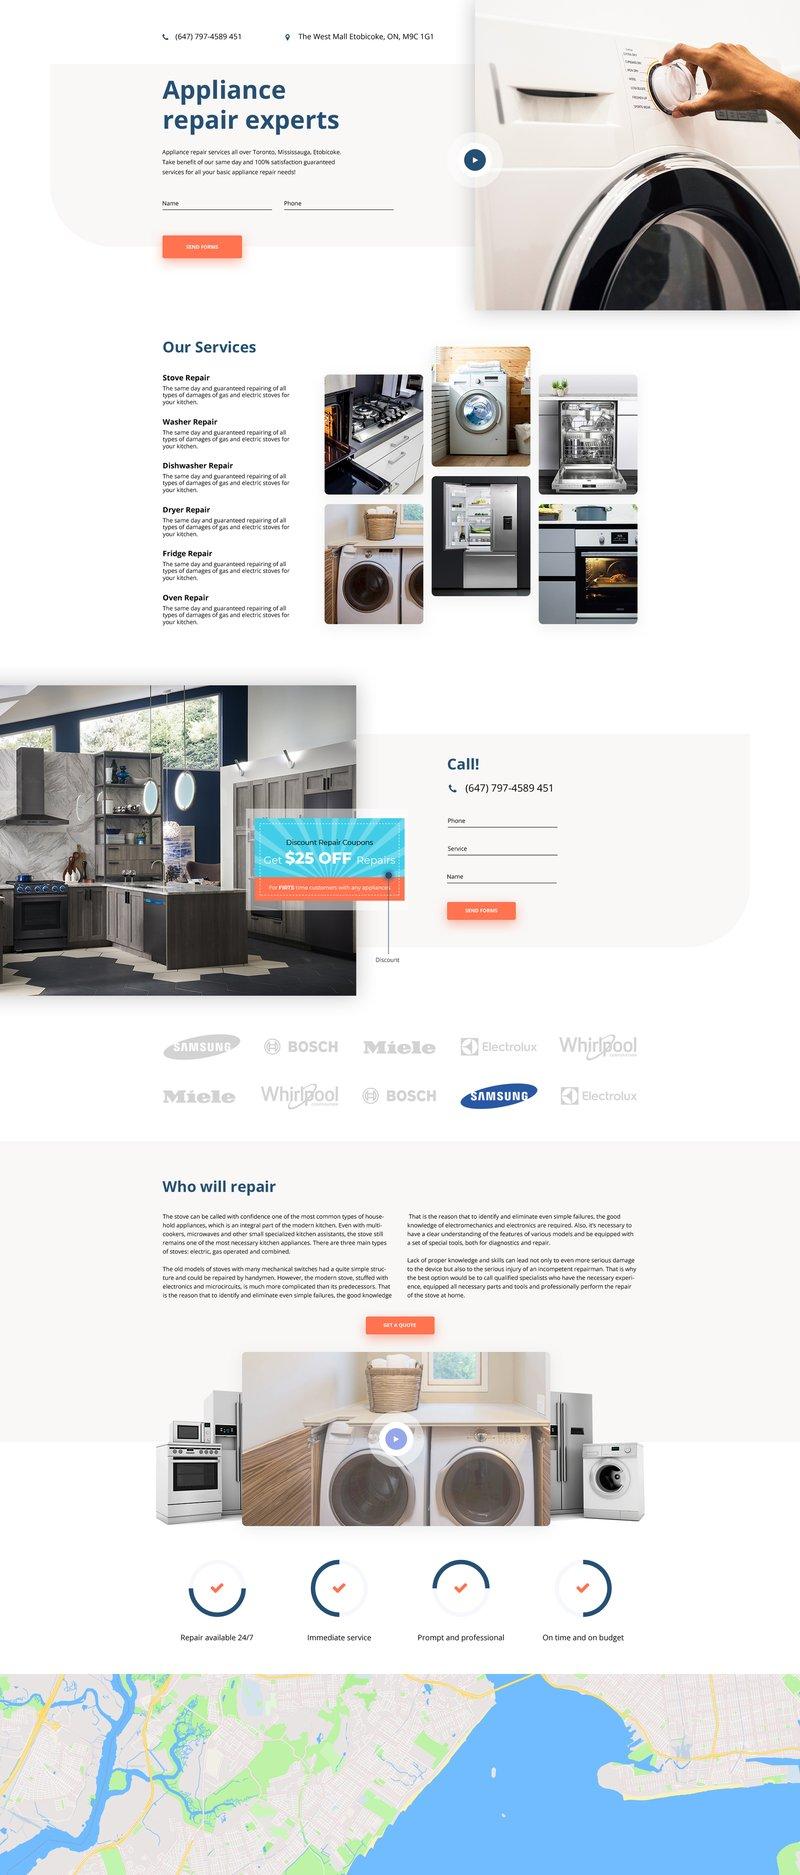 Макет сайта Appliance – работа в портфолио фрилансера